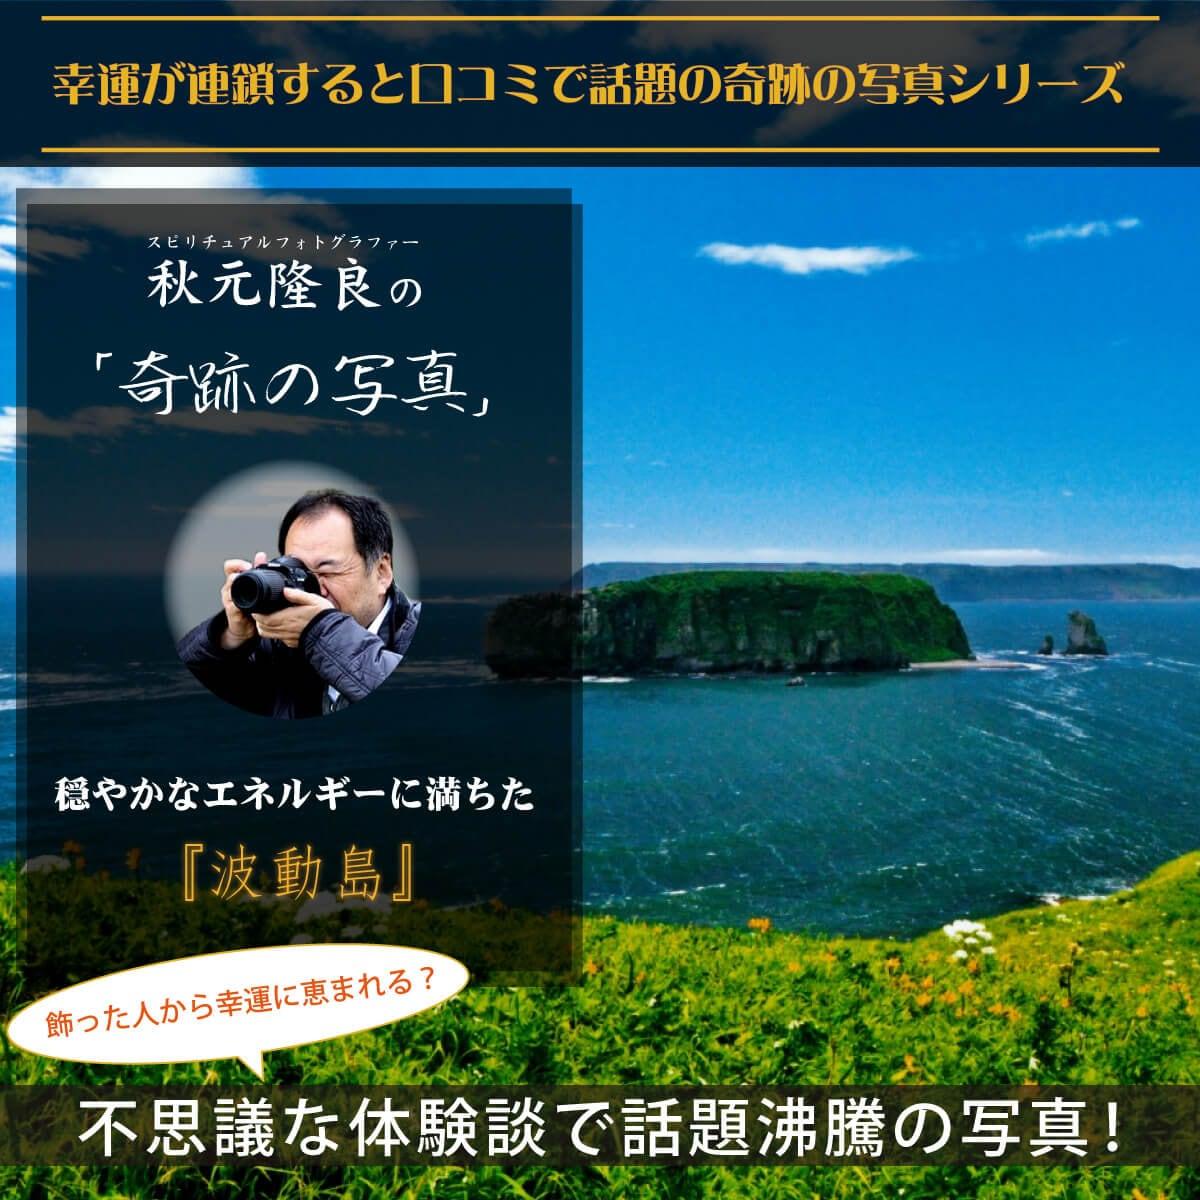 【奇跡の写真】波動島 ≫飾るだけで幸運が連鎖すると話題!秋元隆良の開運フォト作品 開運グッズ